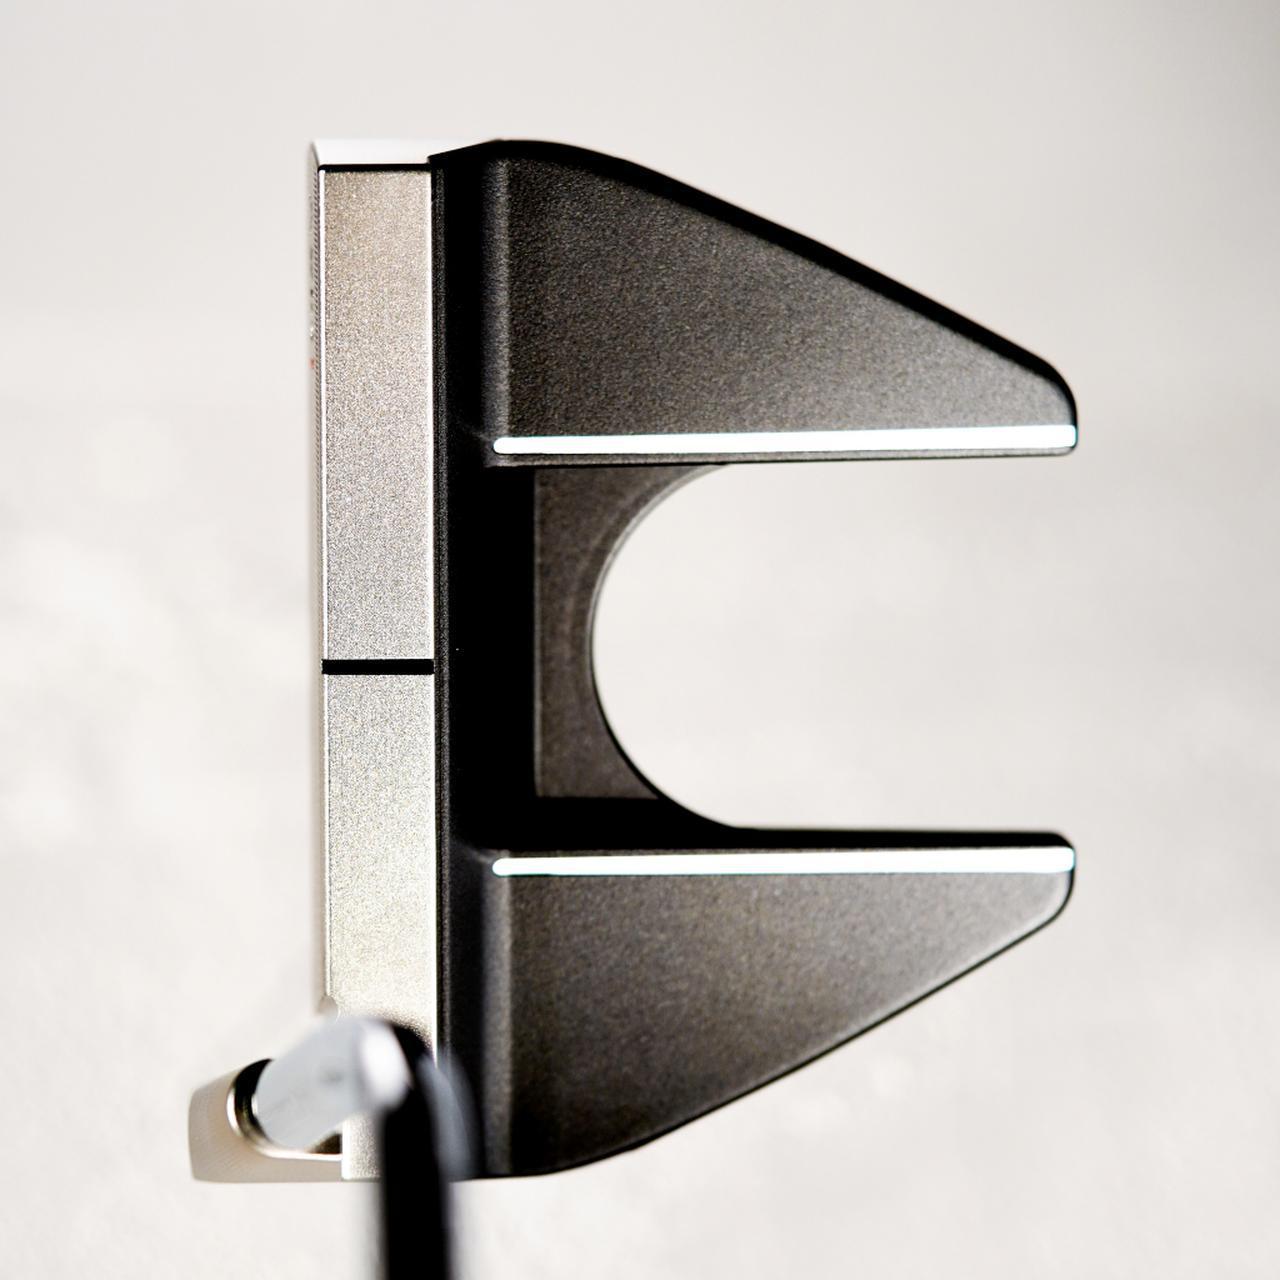 画像: 独特なシャフトの くねりが特徴。こ れにより、シャフト軸線上にパターのスウィートスポットが交わるようになり、またそのおかげでヘッドを真っすぐ引けるという